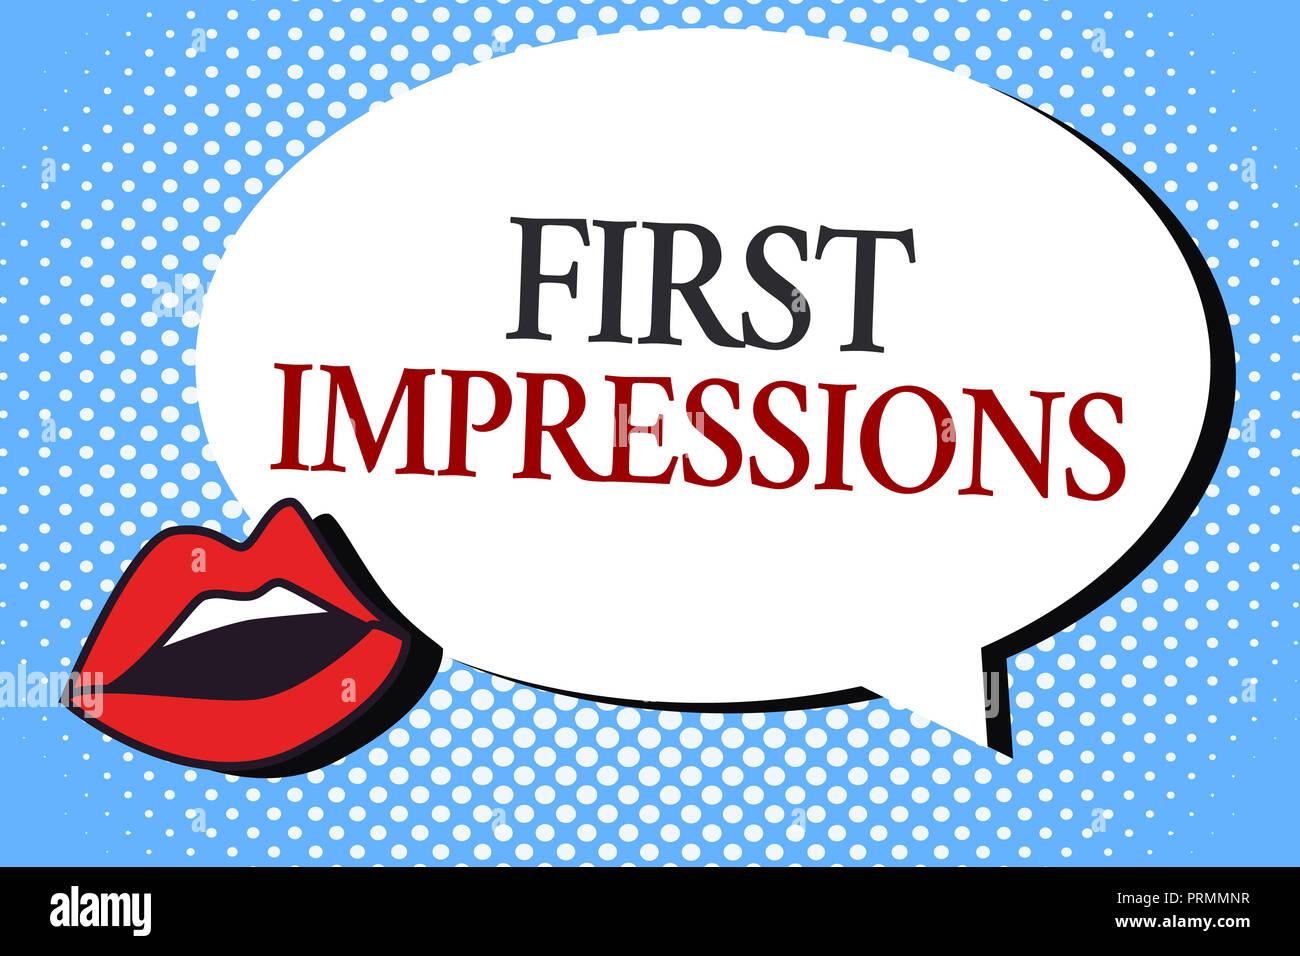 6440cba3728 Écrit remarque montrant les premières impressions. Photo d affaires mettant  en valeur ce qu une personne pense de vous lorsqu ils vous rencontrent.